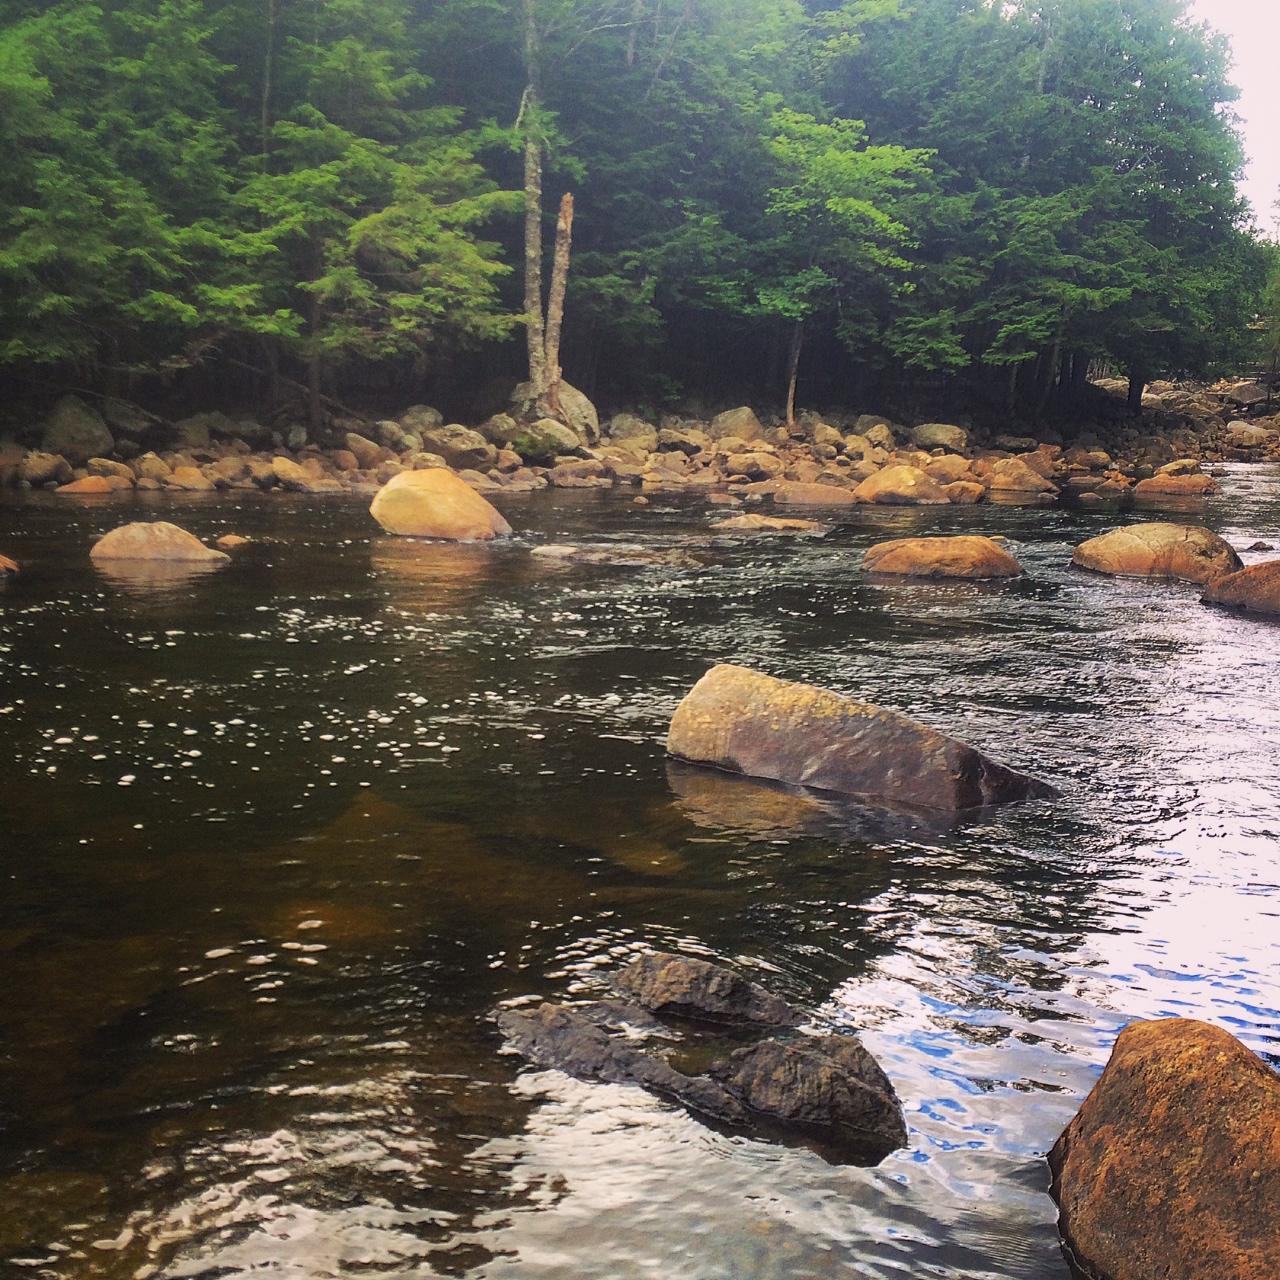 Adirondacks jdsflyfishing for Adirondack fly fishing